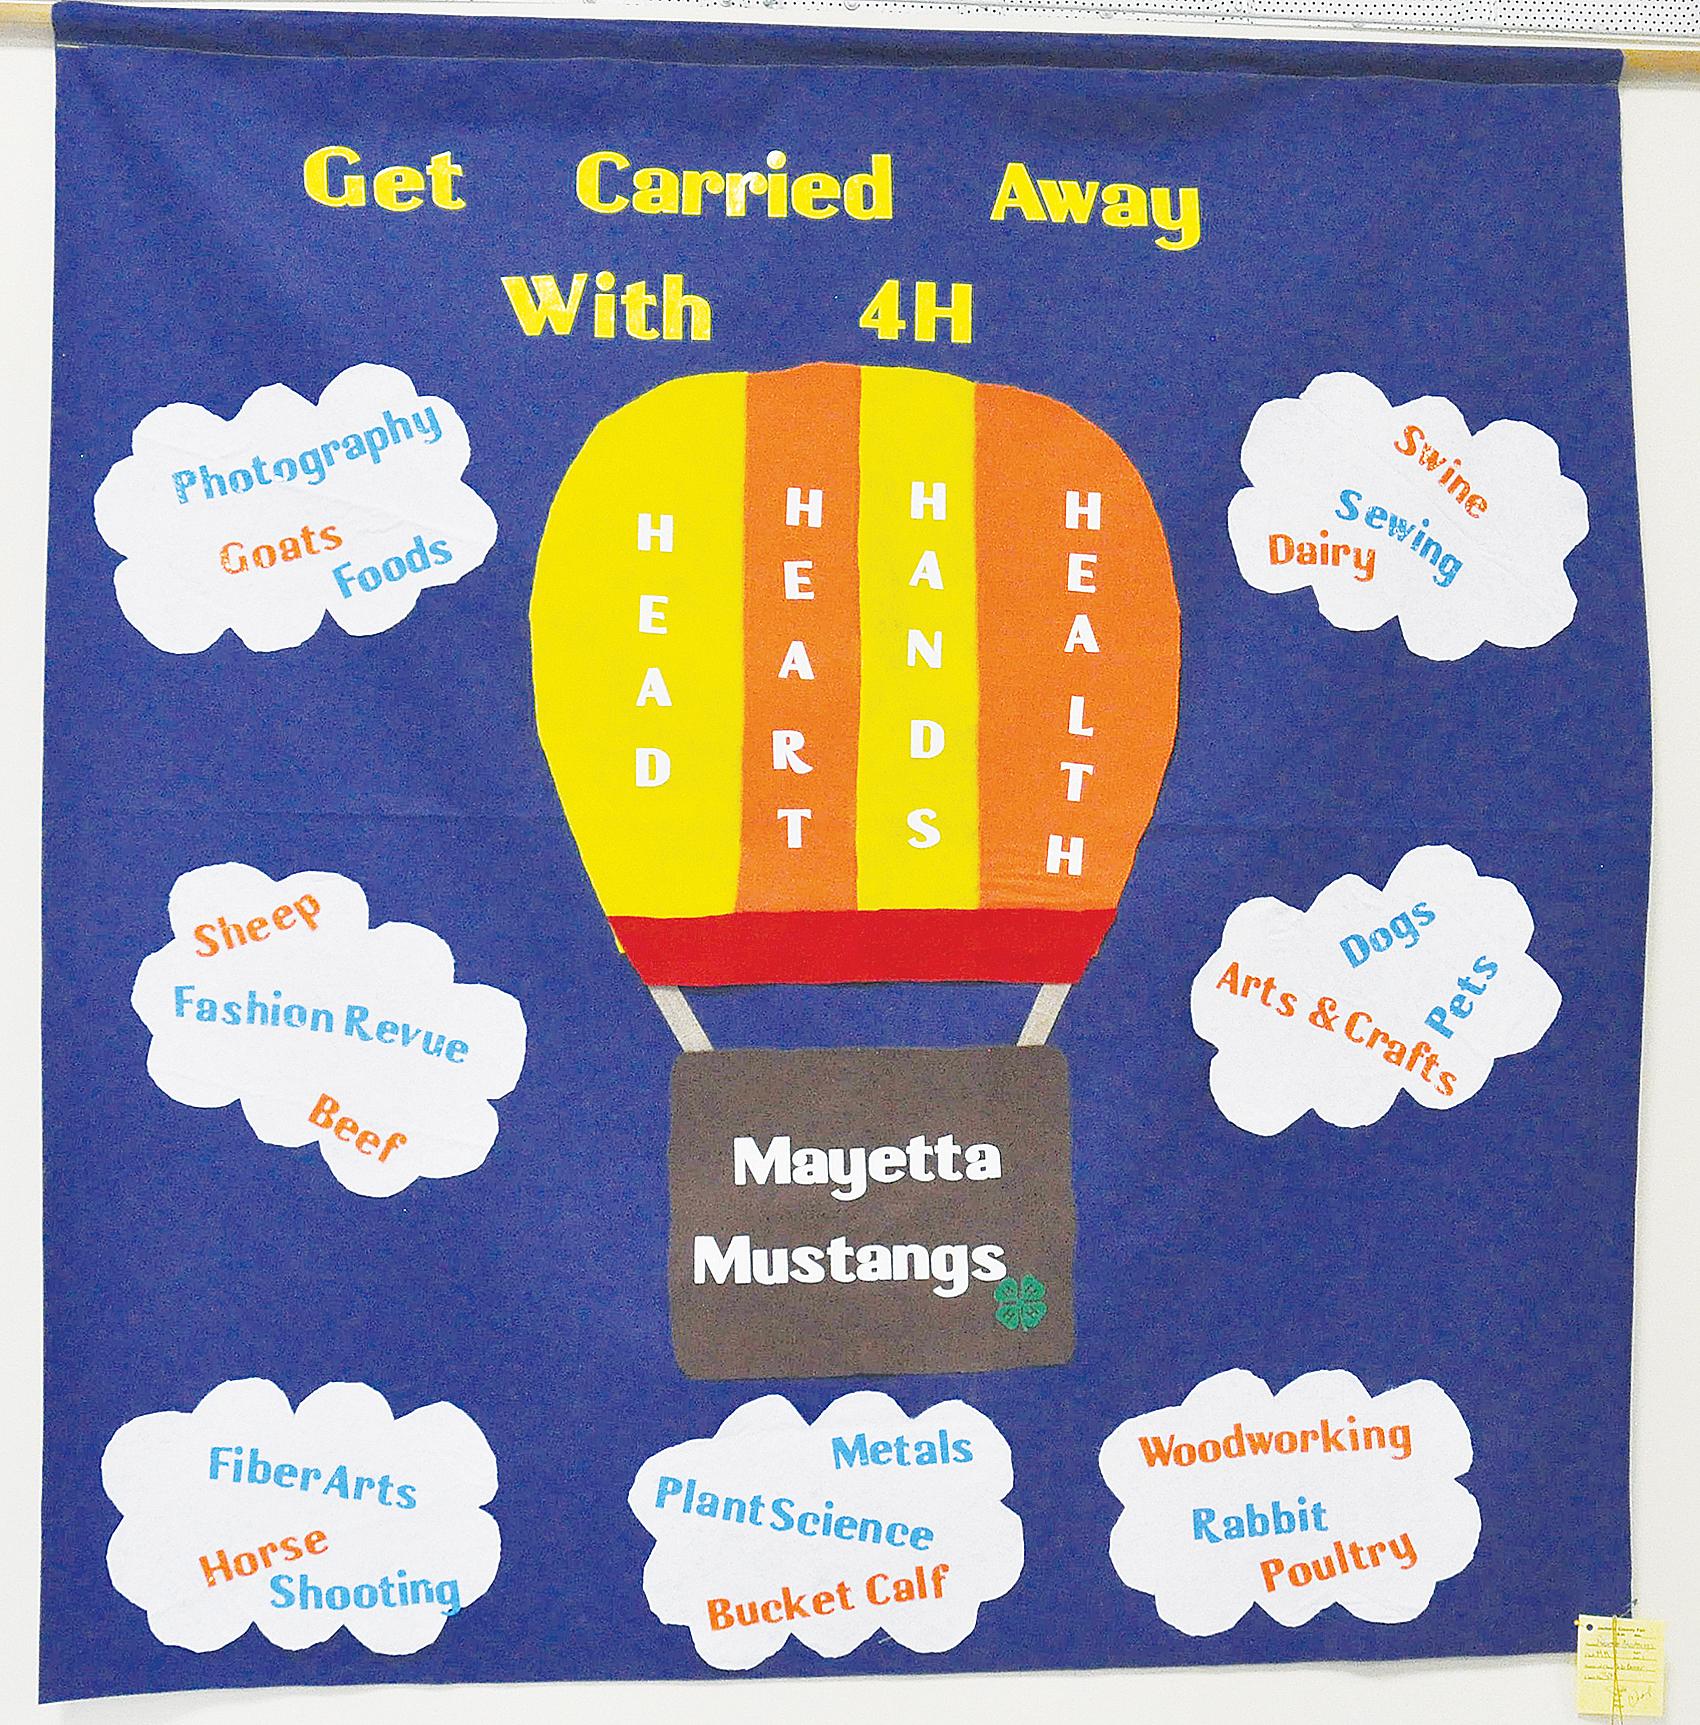 Mayetta Mustangs - Banner